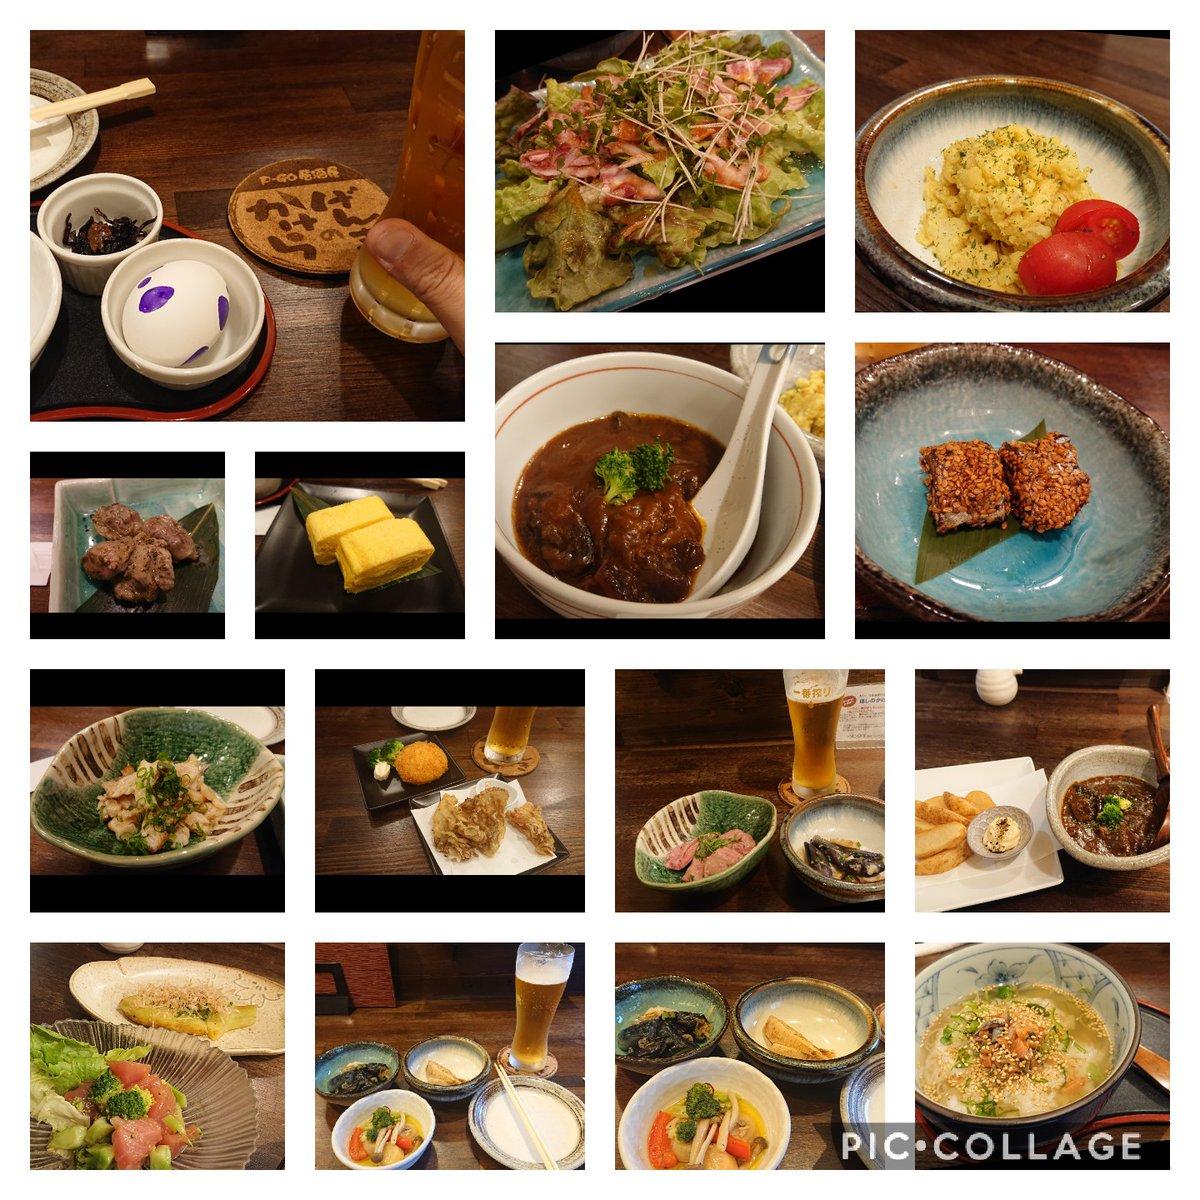 test ツイッターメディア - @genki_no_kakera 1年足らずでしたが本当にお世話になりました。 こちらがあったおかげでポケモンGOが更に楽しくプレイすることができました。 お酒はもちろん、美味しいお料理もう頂けないのがとても残念です。 楽しいお時間を頂けまして、誠にありがとうございました。 早期の復活をお祈りしております。 https://t.co/WcgVvRmAeA